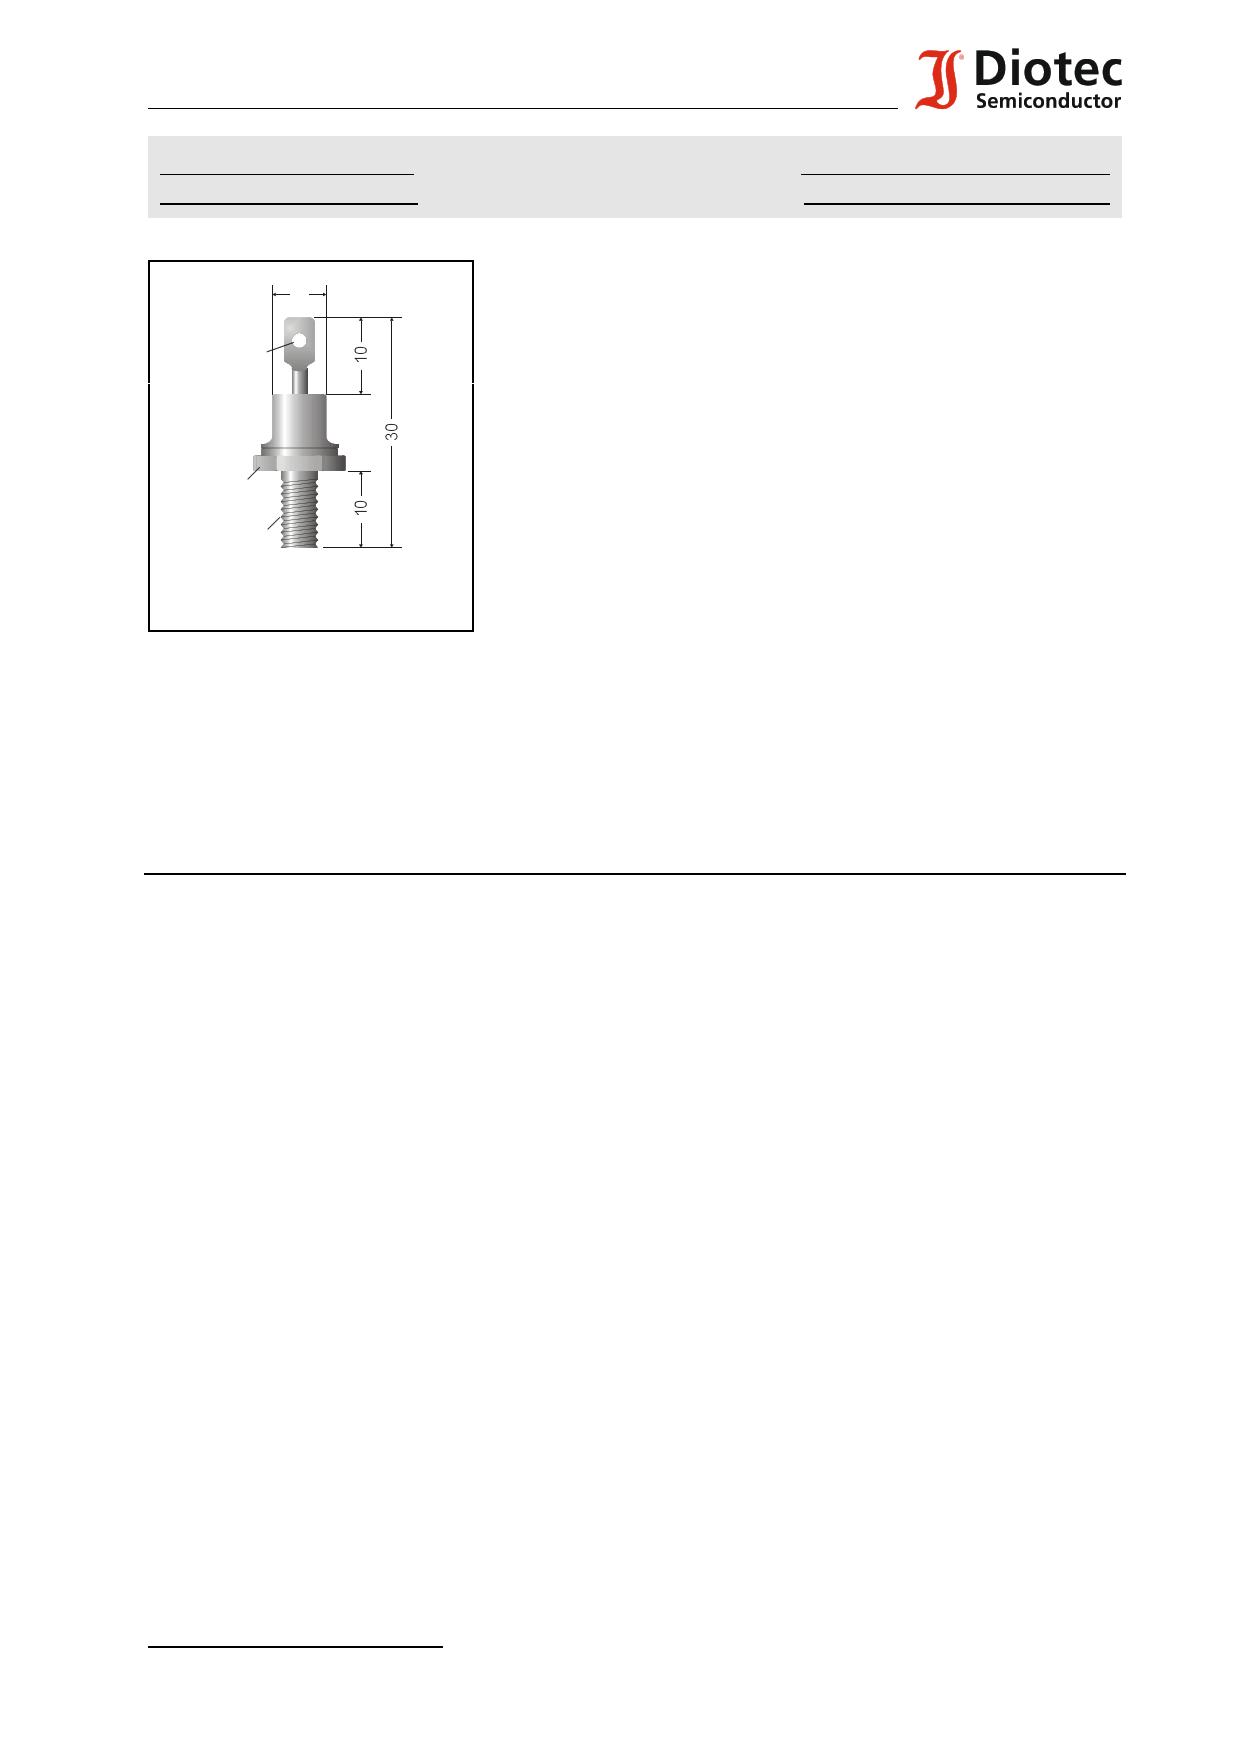 ZX6.2 datasheet